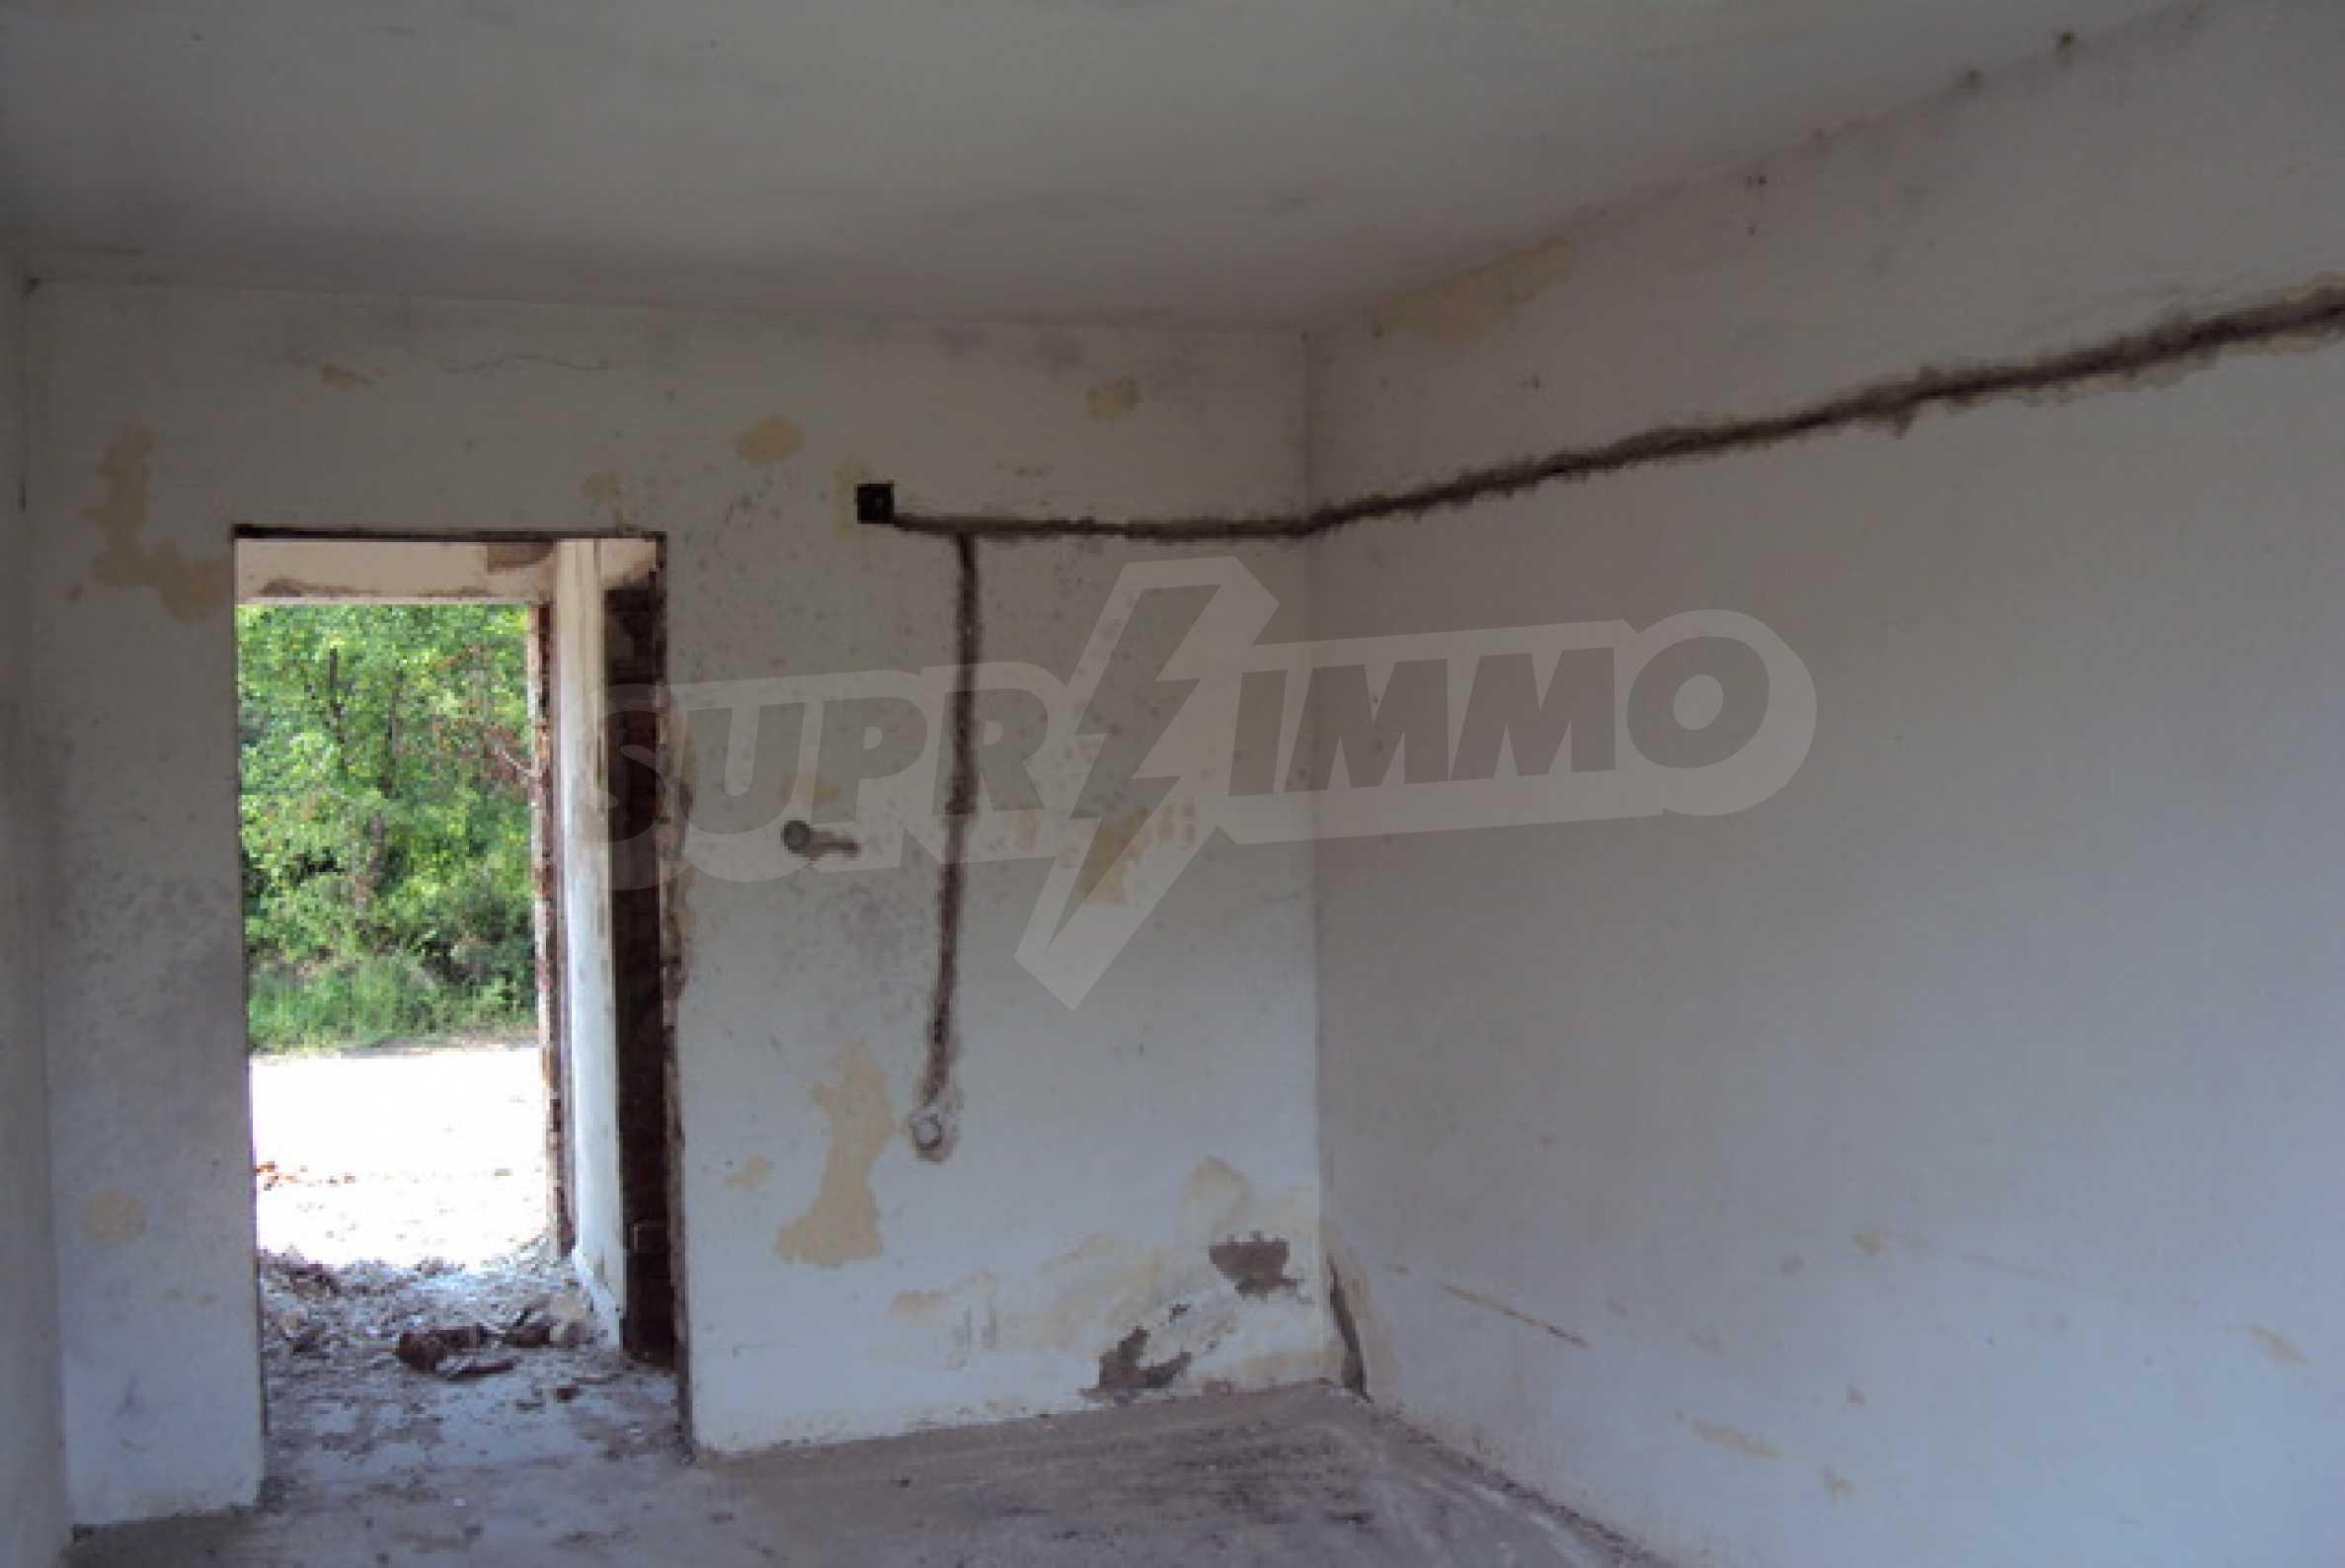 Продажа отеля/комплекса вблизи г. Велико Тырново 9